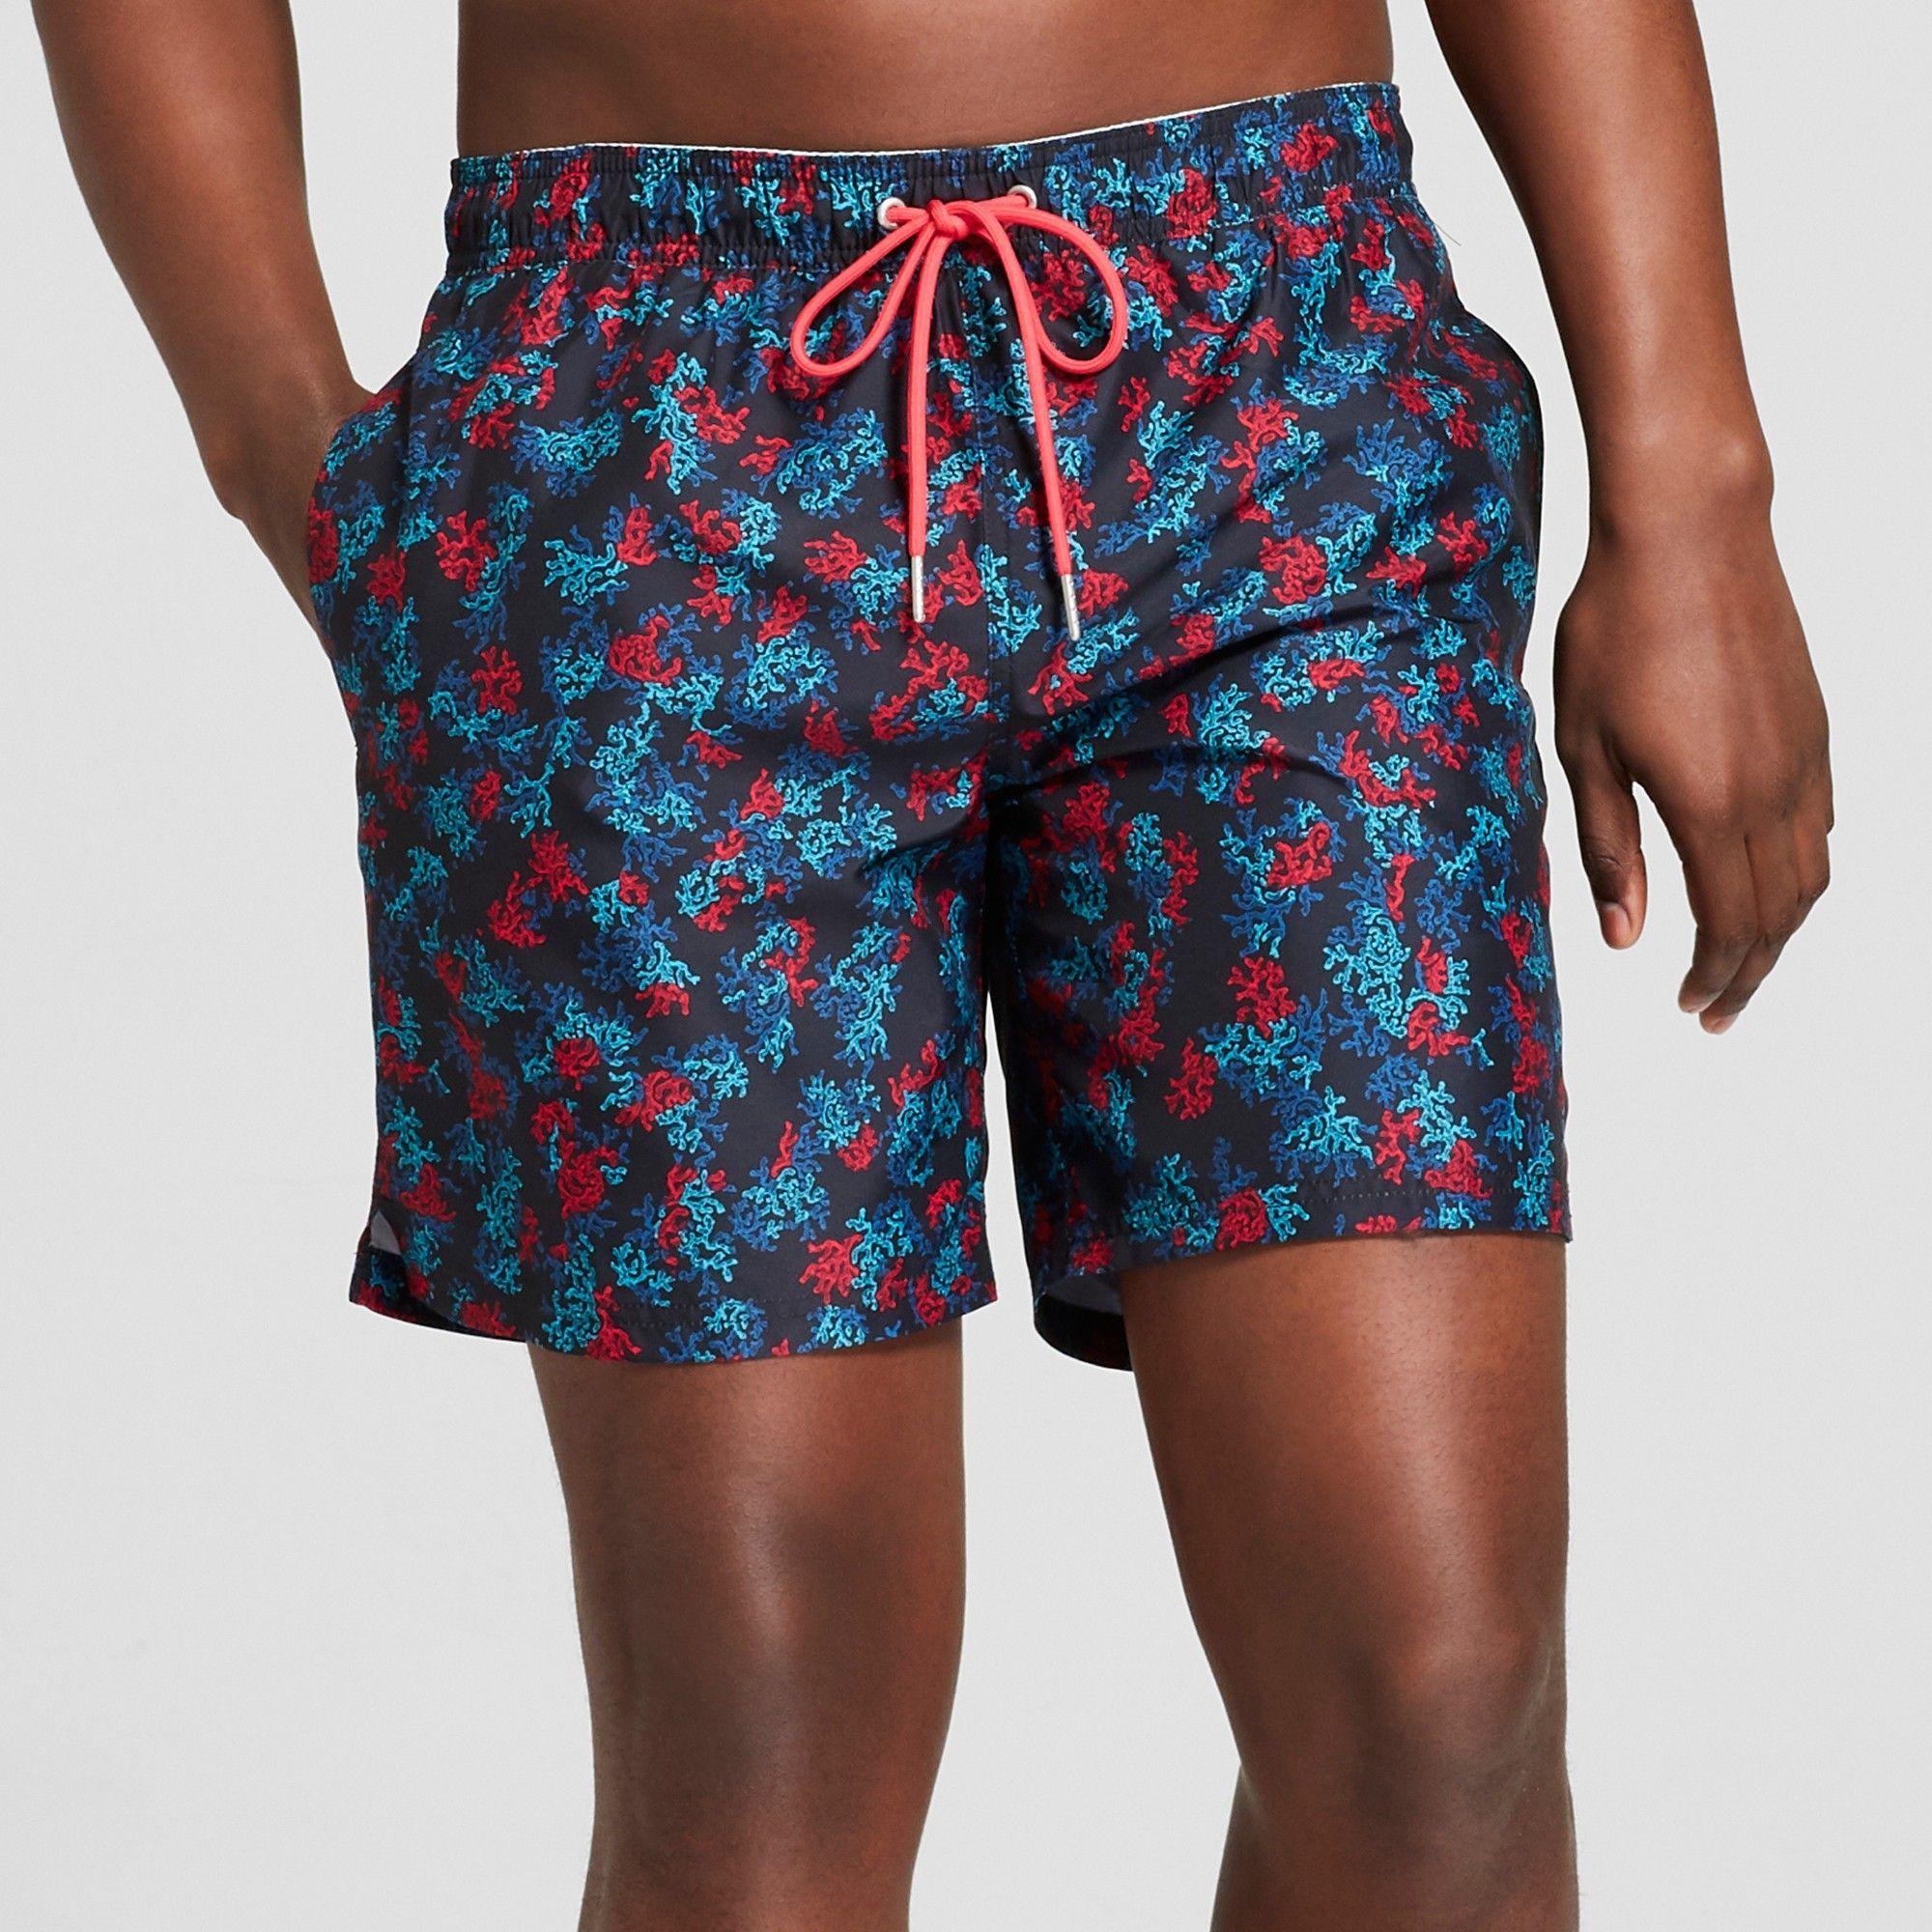 205044d59cce9 Men's 7 Tropical Floral Print Swim Trunks - Goodfellow & Co Black M ...